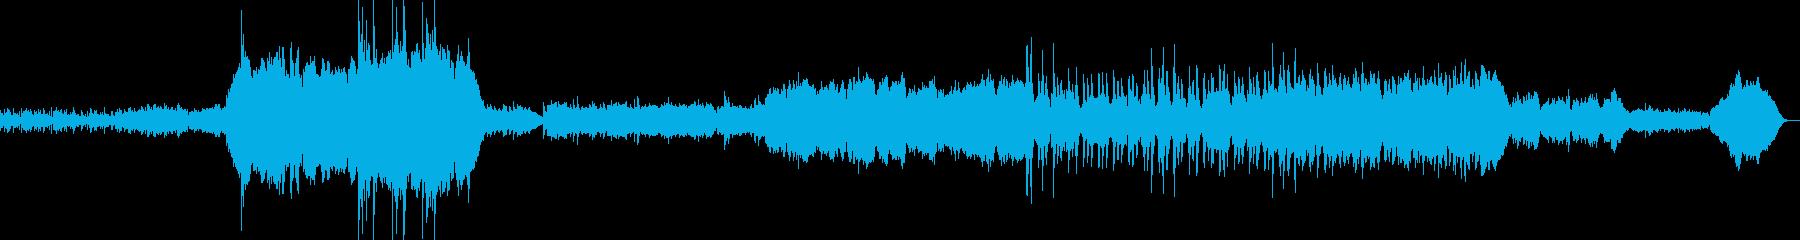 オーケストラによるRPGオープニングの再生済みの波形